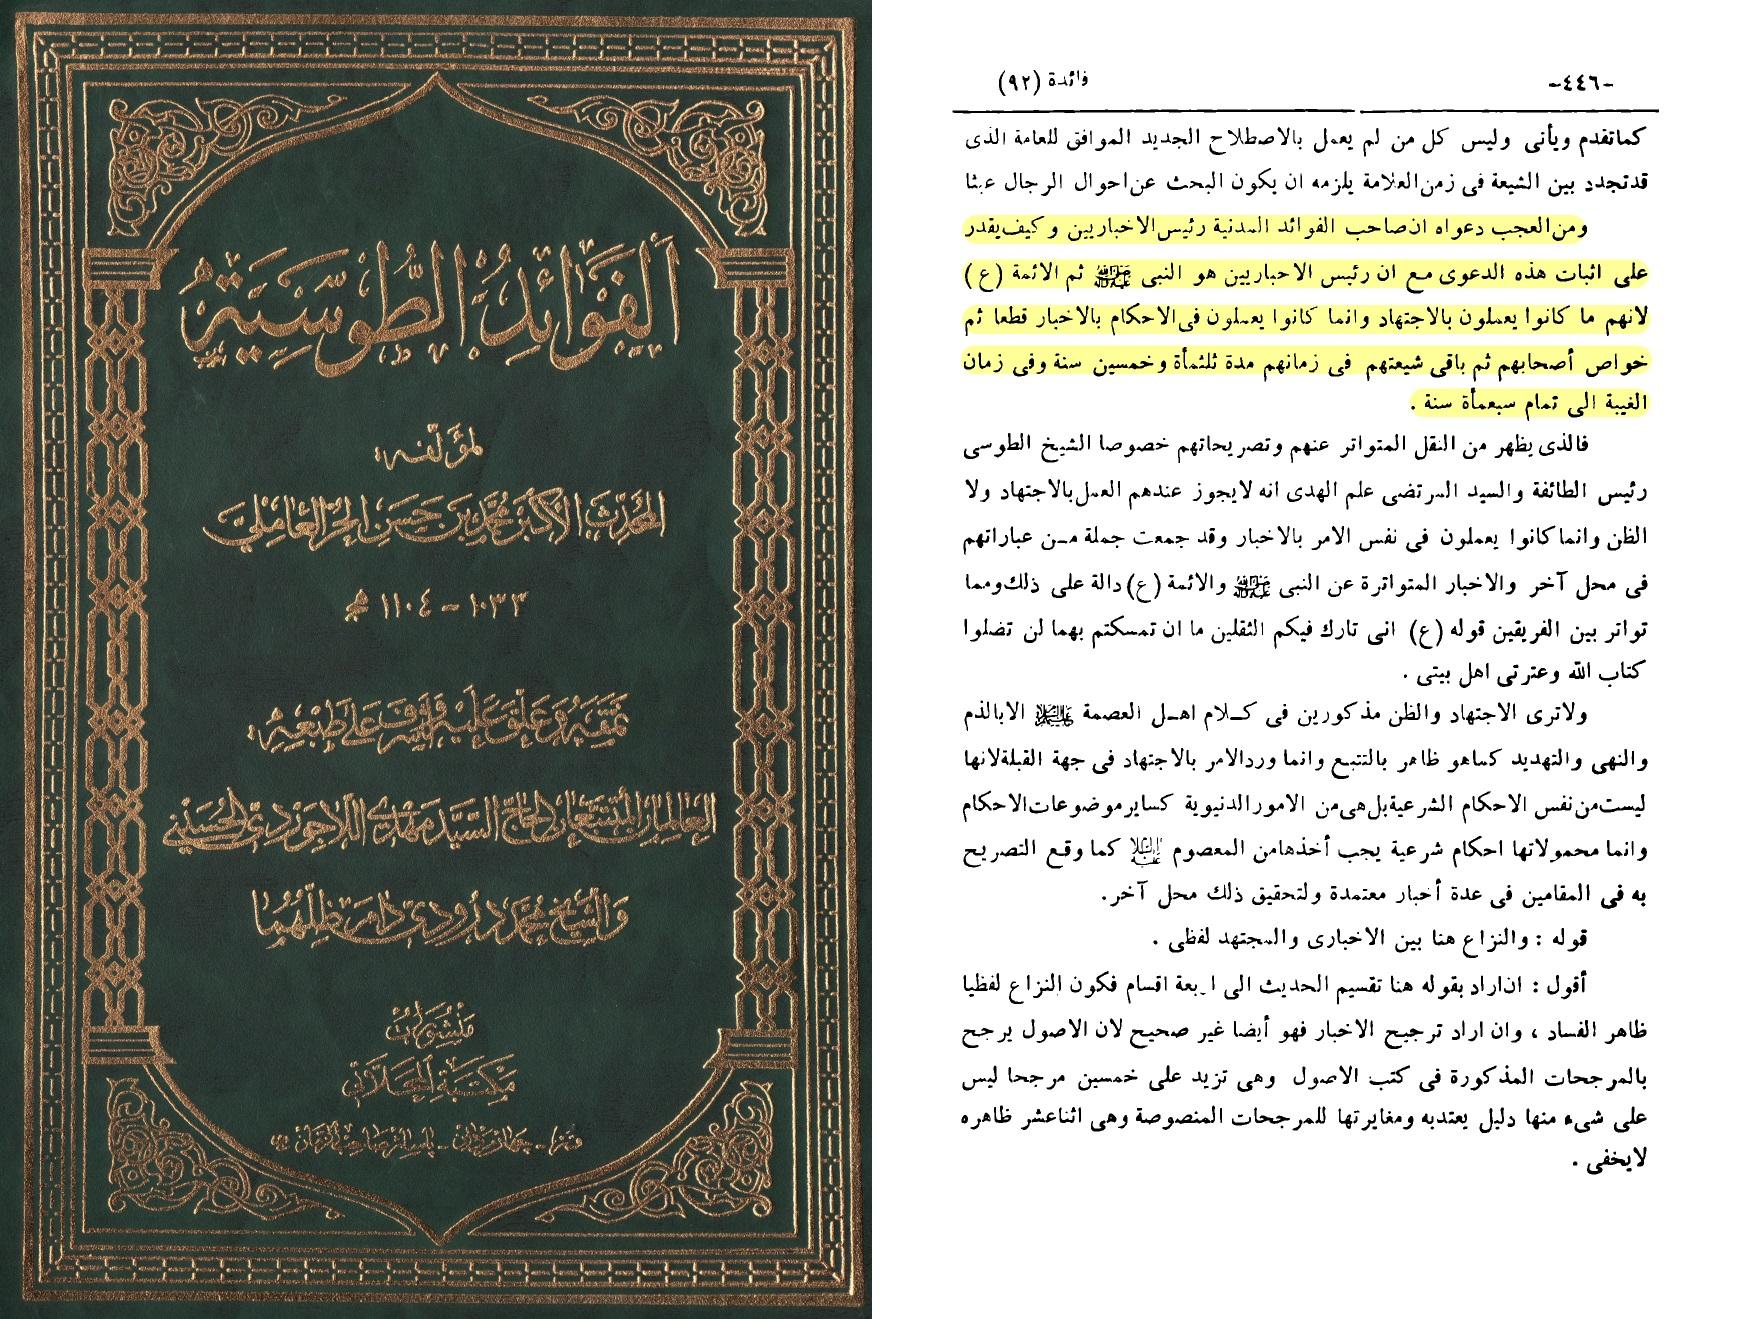 fawa2ed-e-tusiyyah-s-446